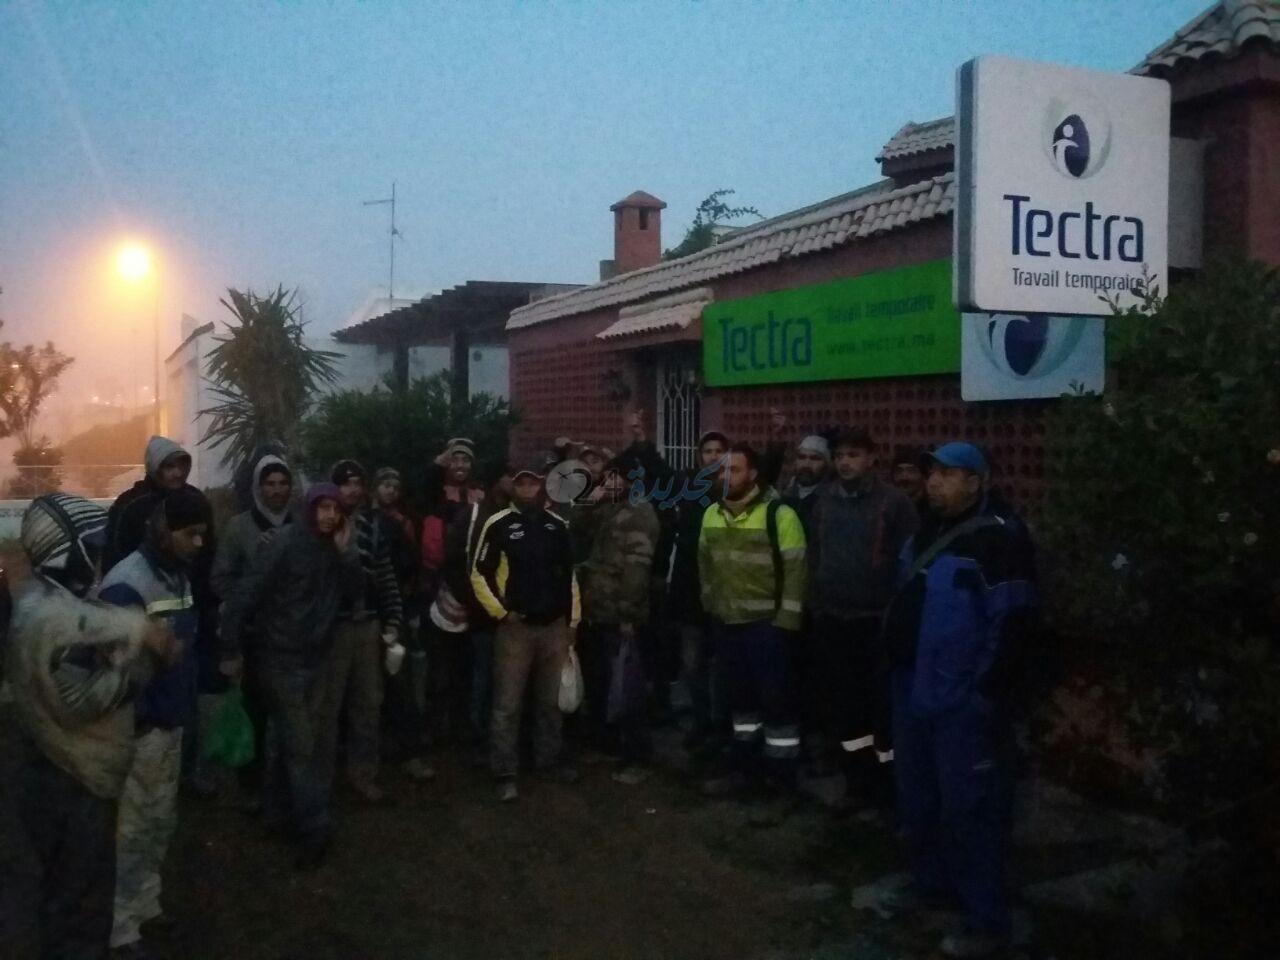 عمال الوساطة بشركة ''بيزيكلي'' بالجرف الاصفر يحتجون على التأخر الدائم لرواتبهم الشهرية